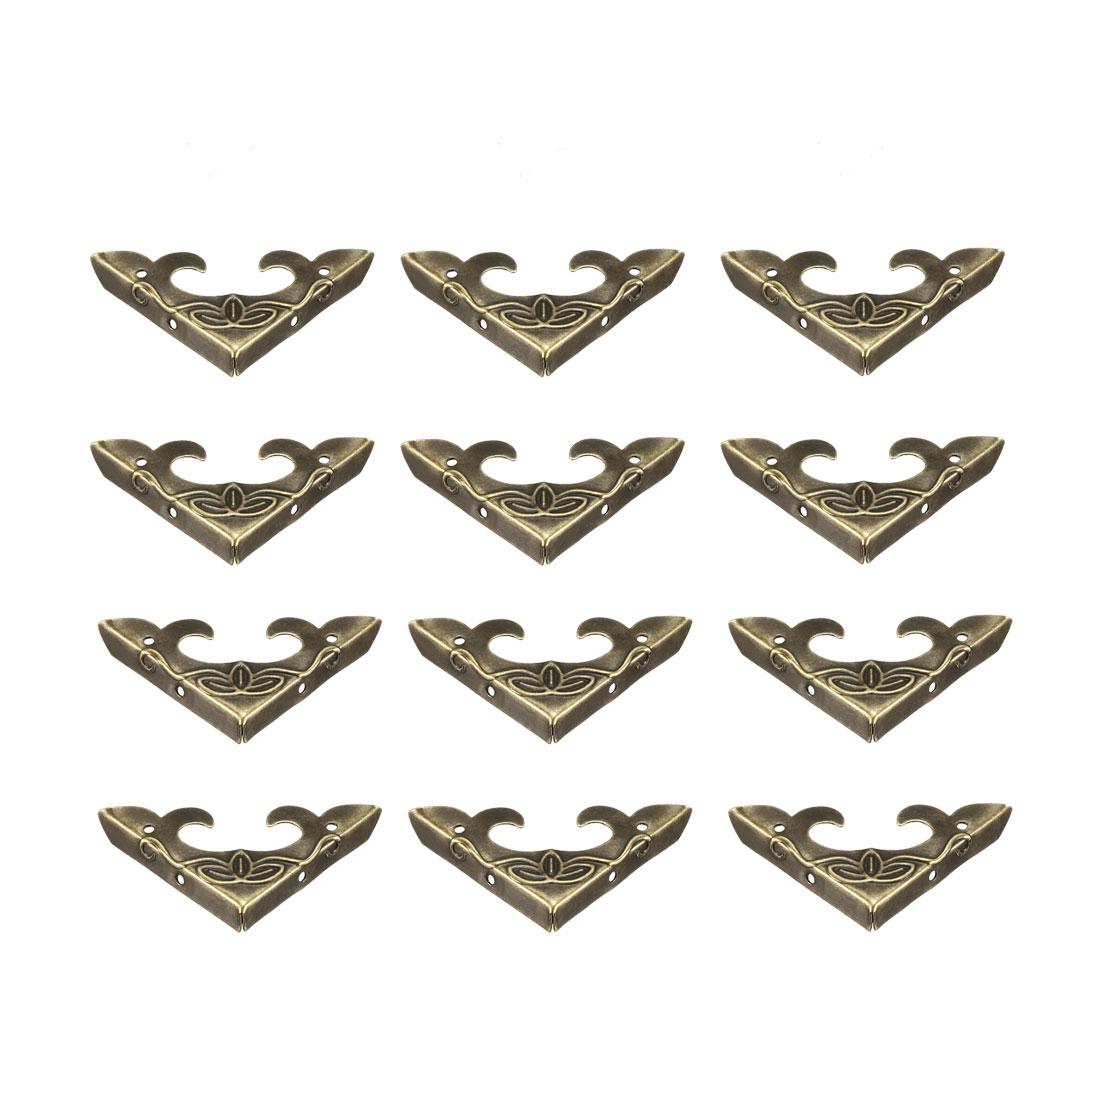 Metal Desk Corner Protectors Table Edge Cover Guard 31x31x5mm Bronze Tone 12pcs